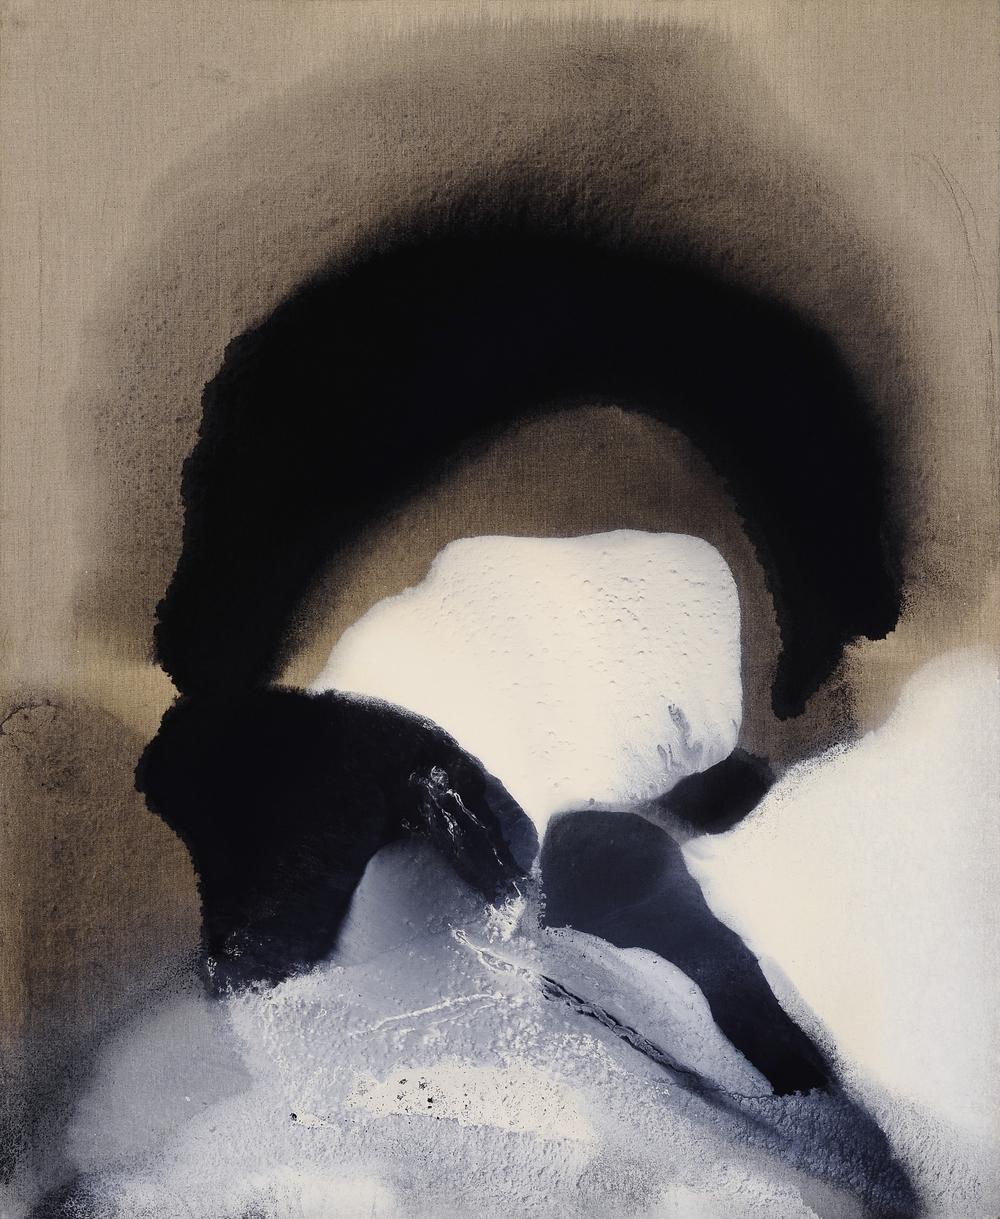 Malinconia della notte,2011, olio su tela, cm 110 x 90  Malinconia della notte, 2011, oil on canvas, cm 110 x 90